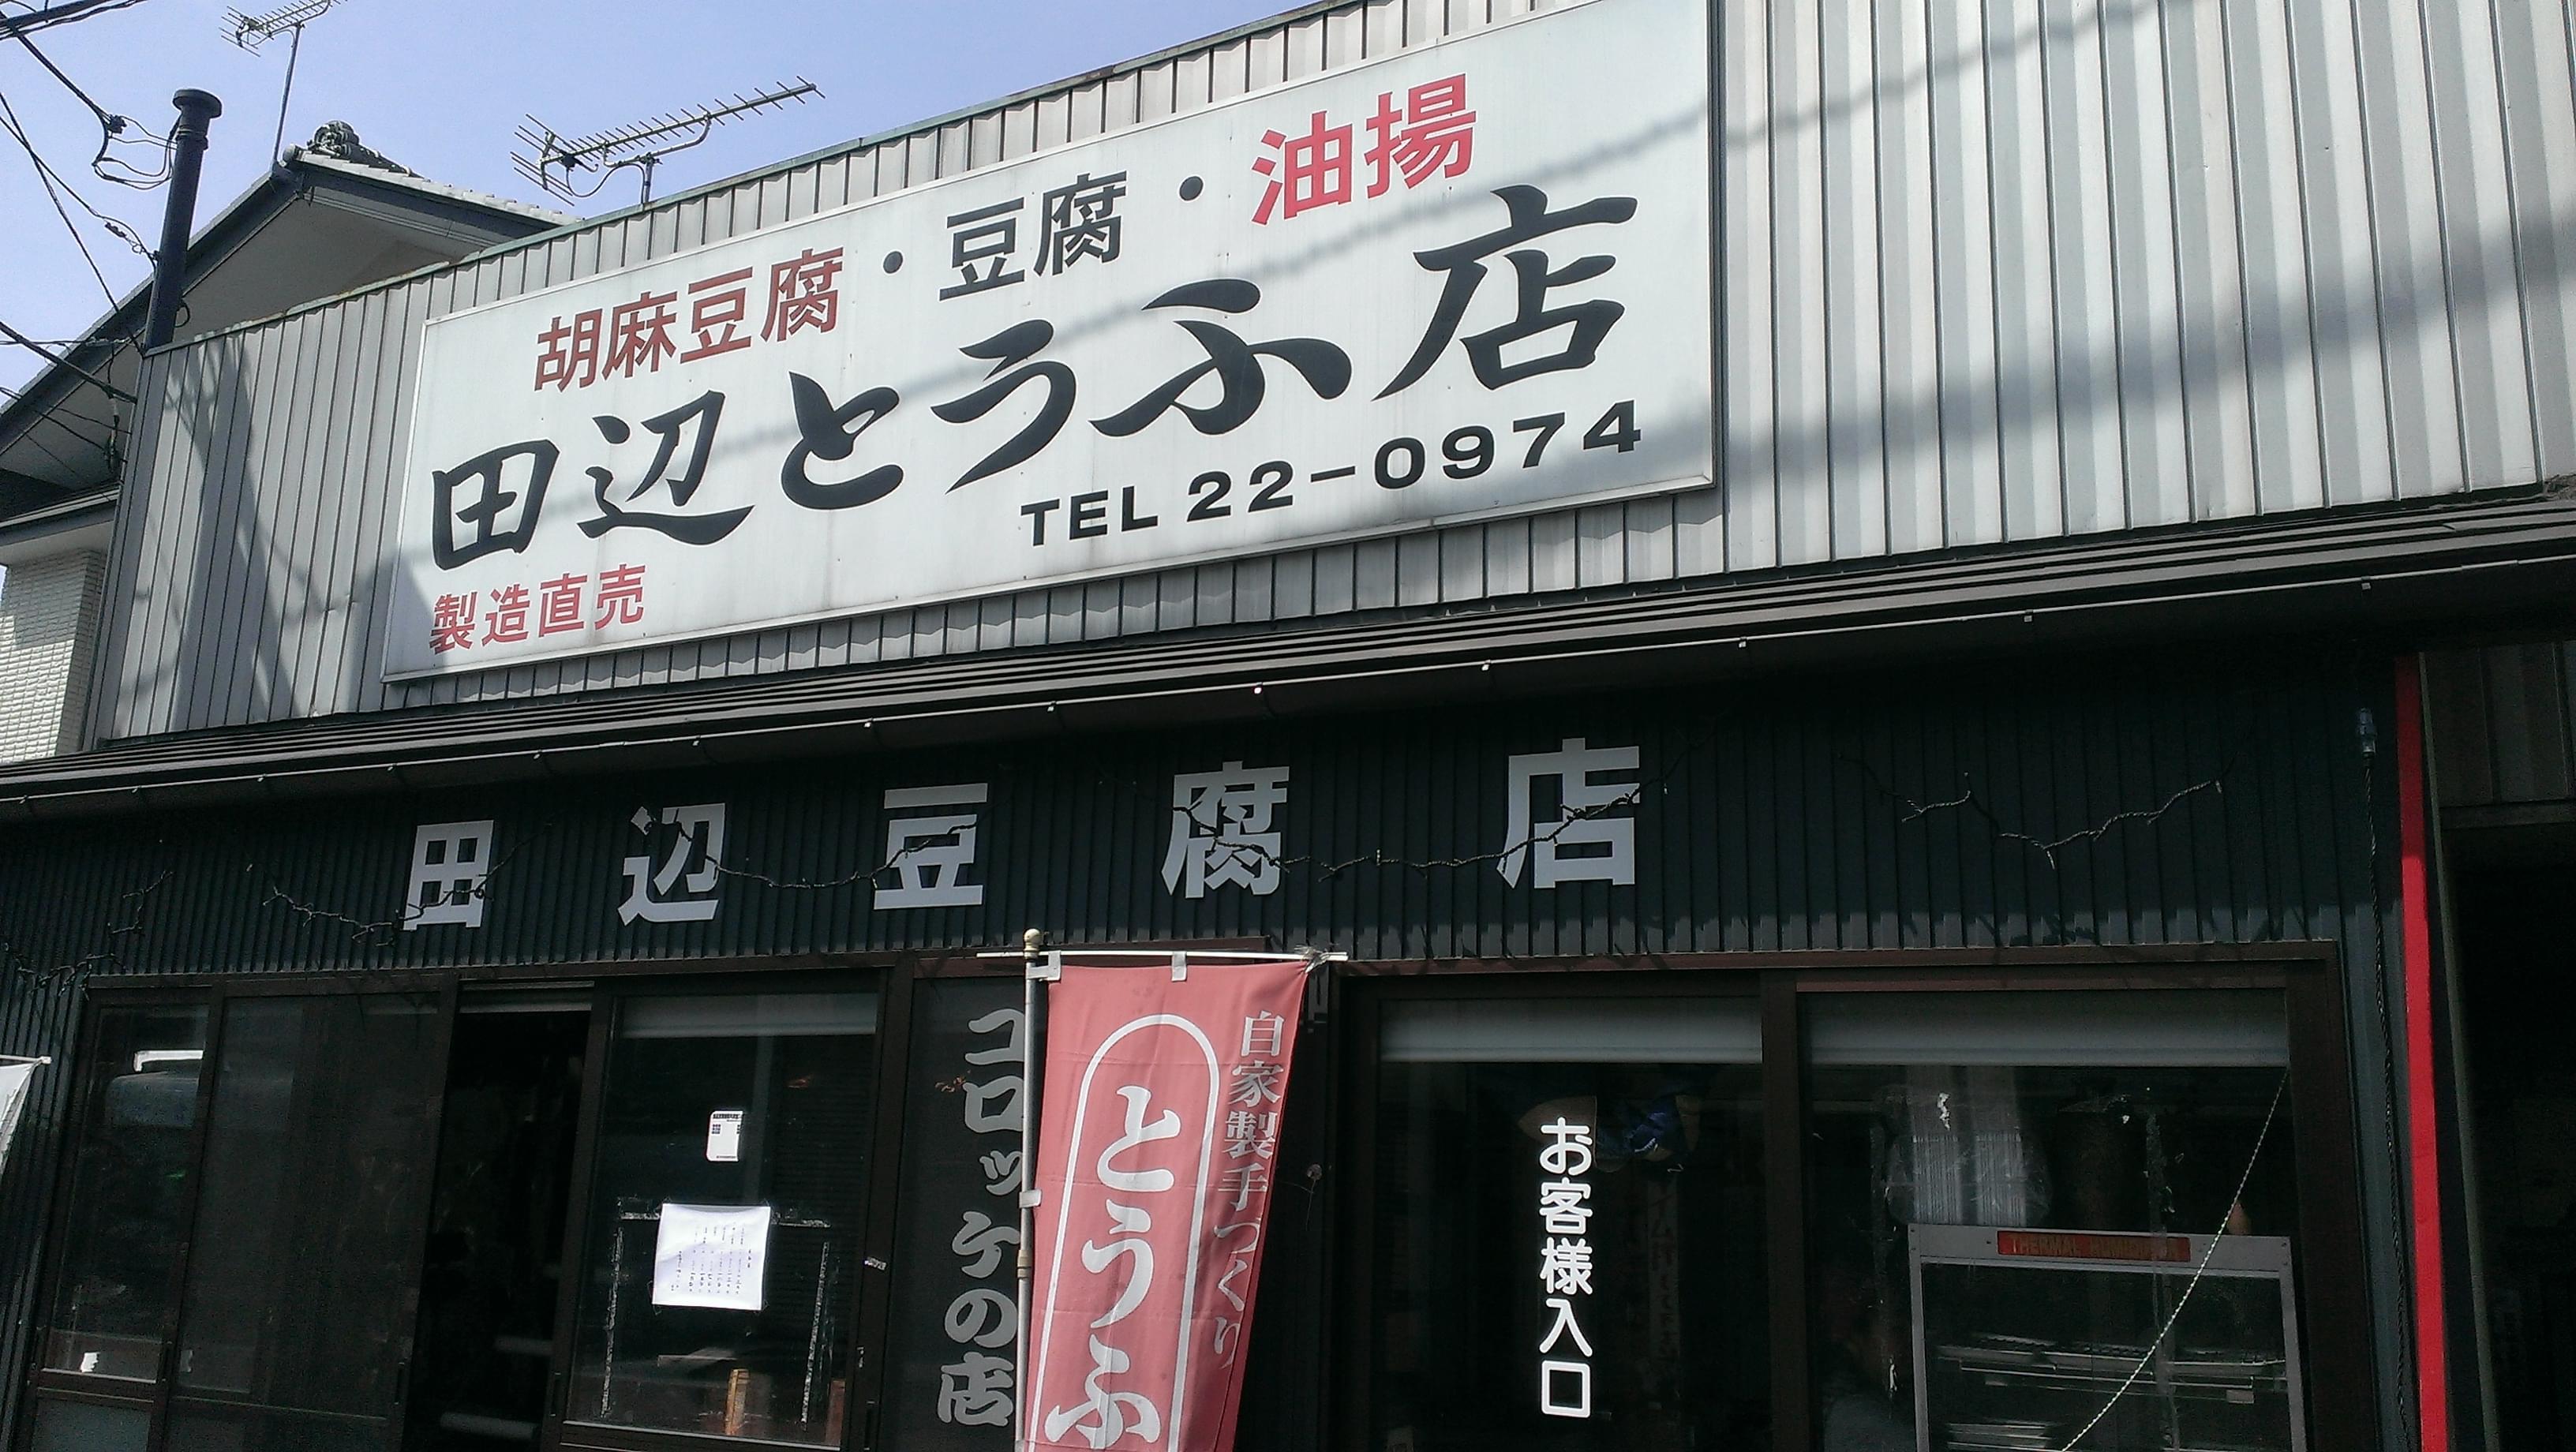 【埼玉・秩父】お散歩のお供にピッタリ!手軽で美味しいおすすめグルメ4選